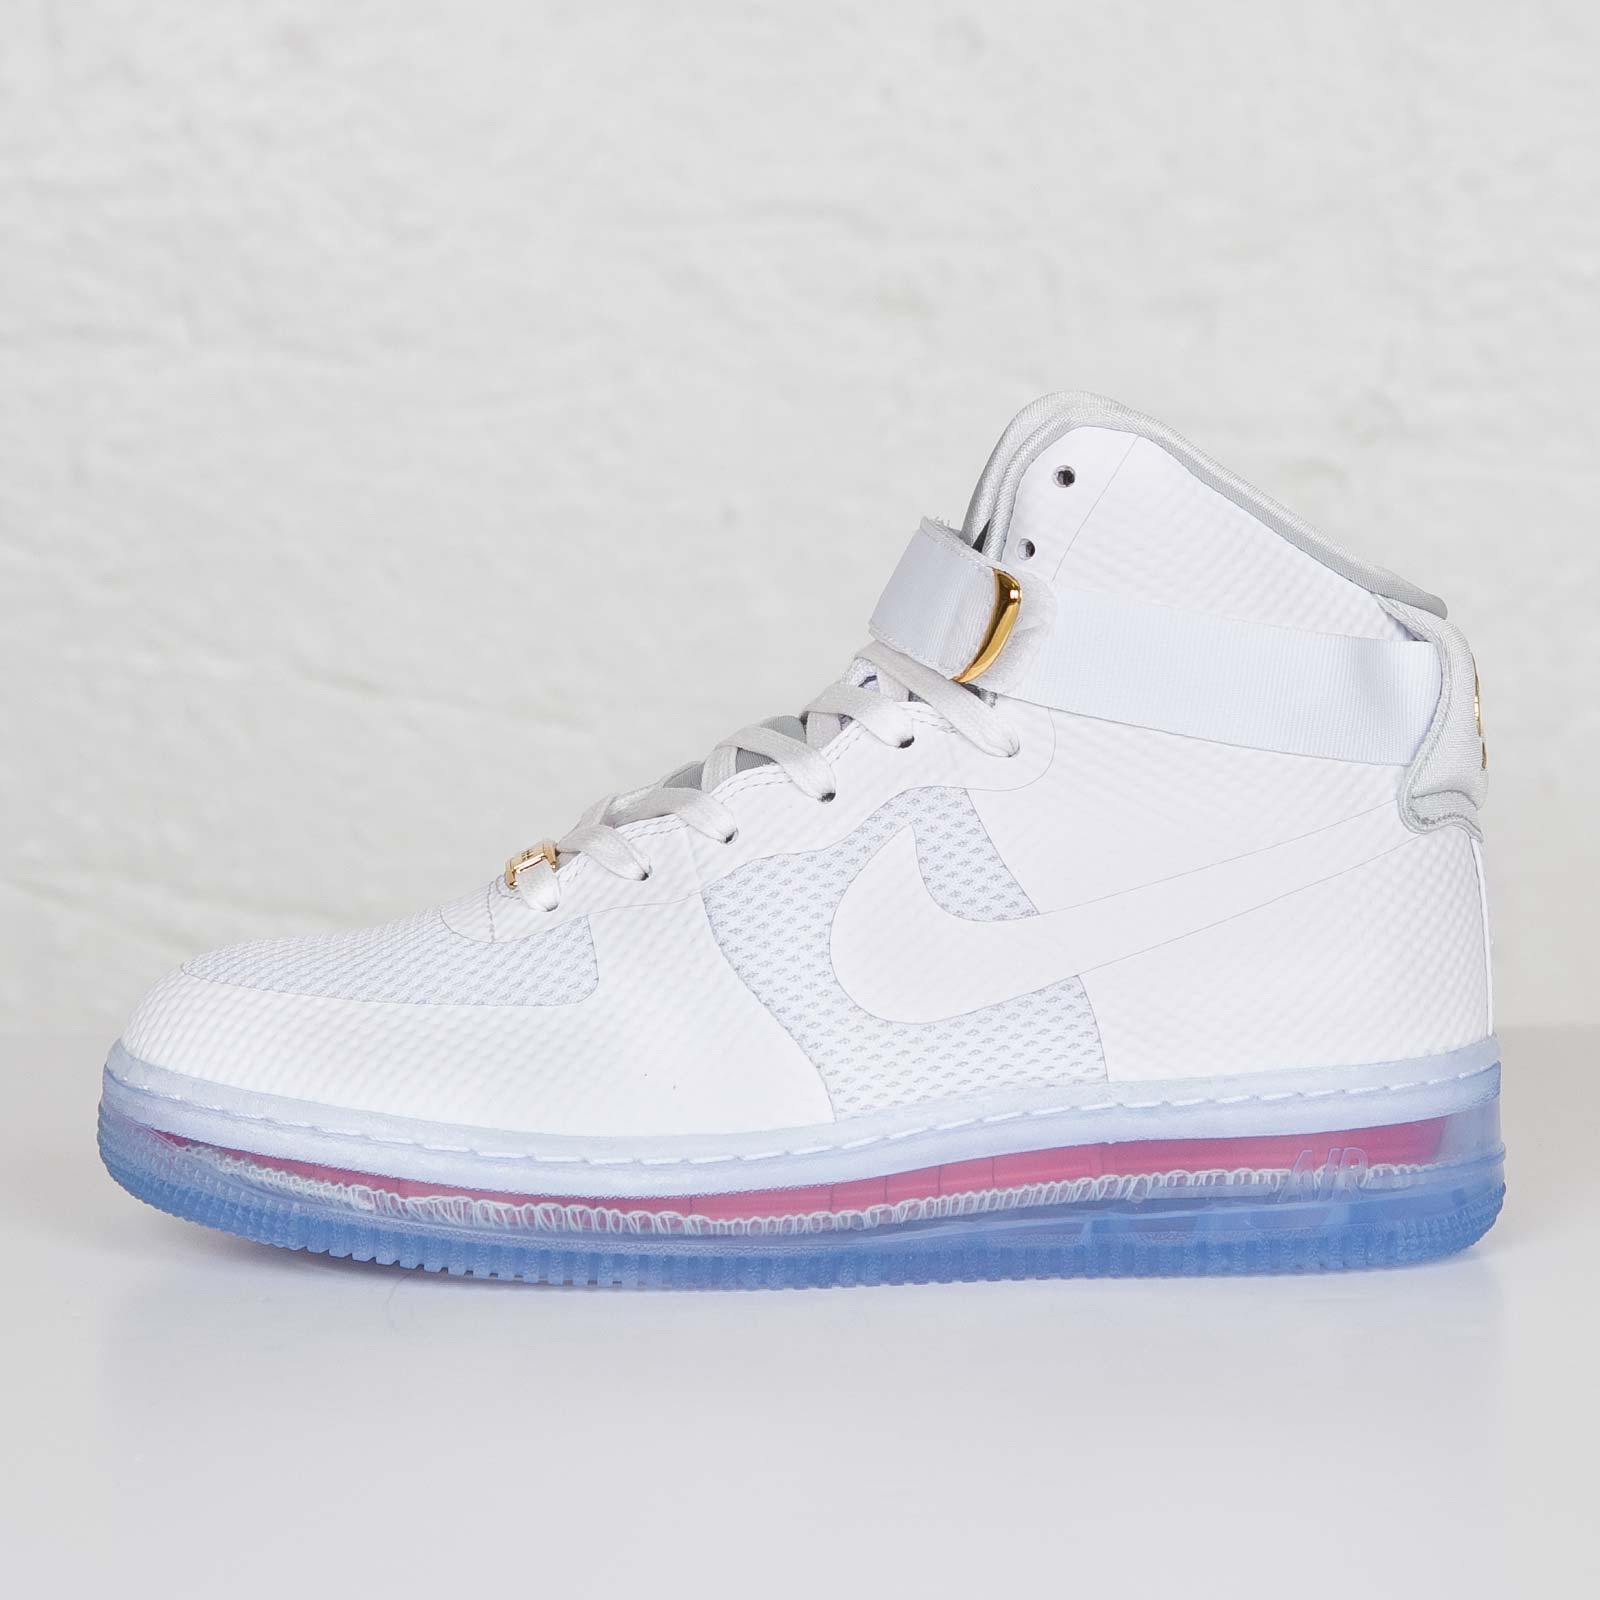 Nike Air Force 1 Cmft Lux QS 789748 100 Sneakersnstuff